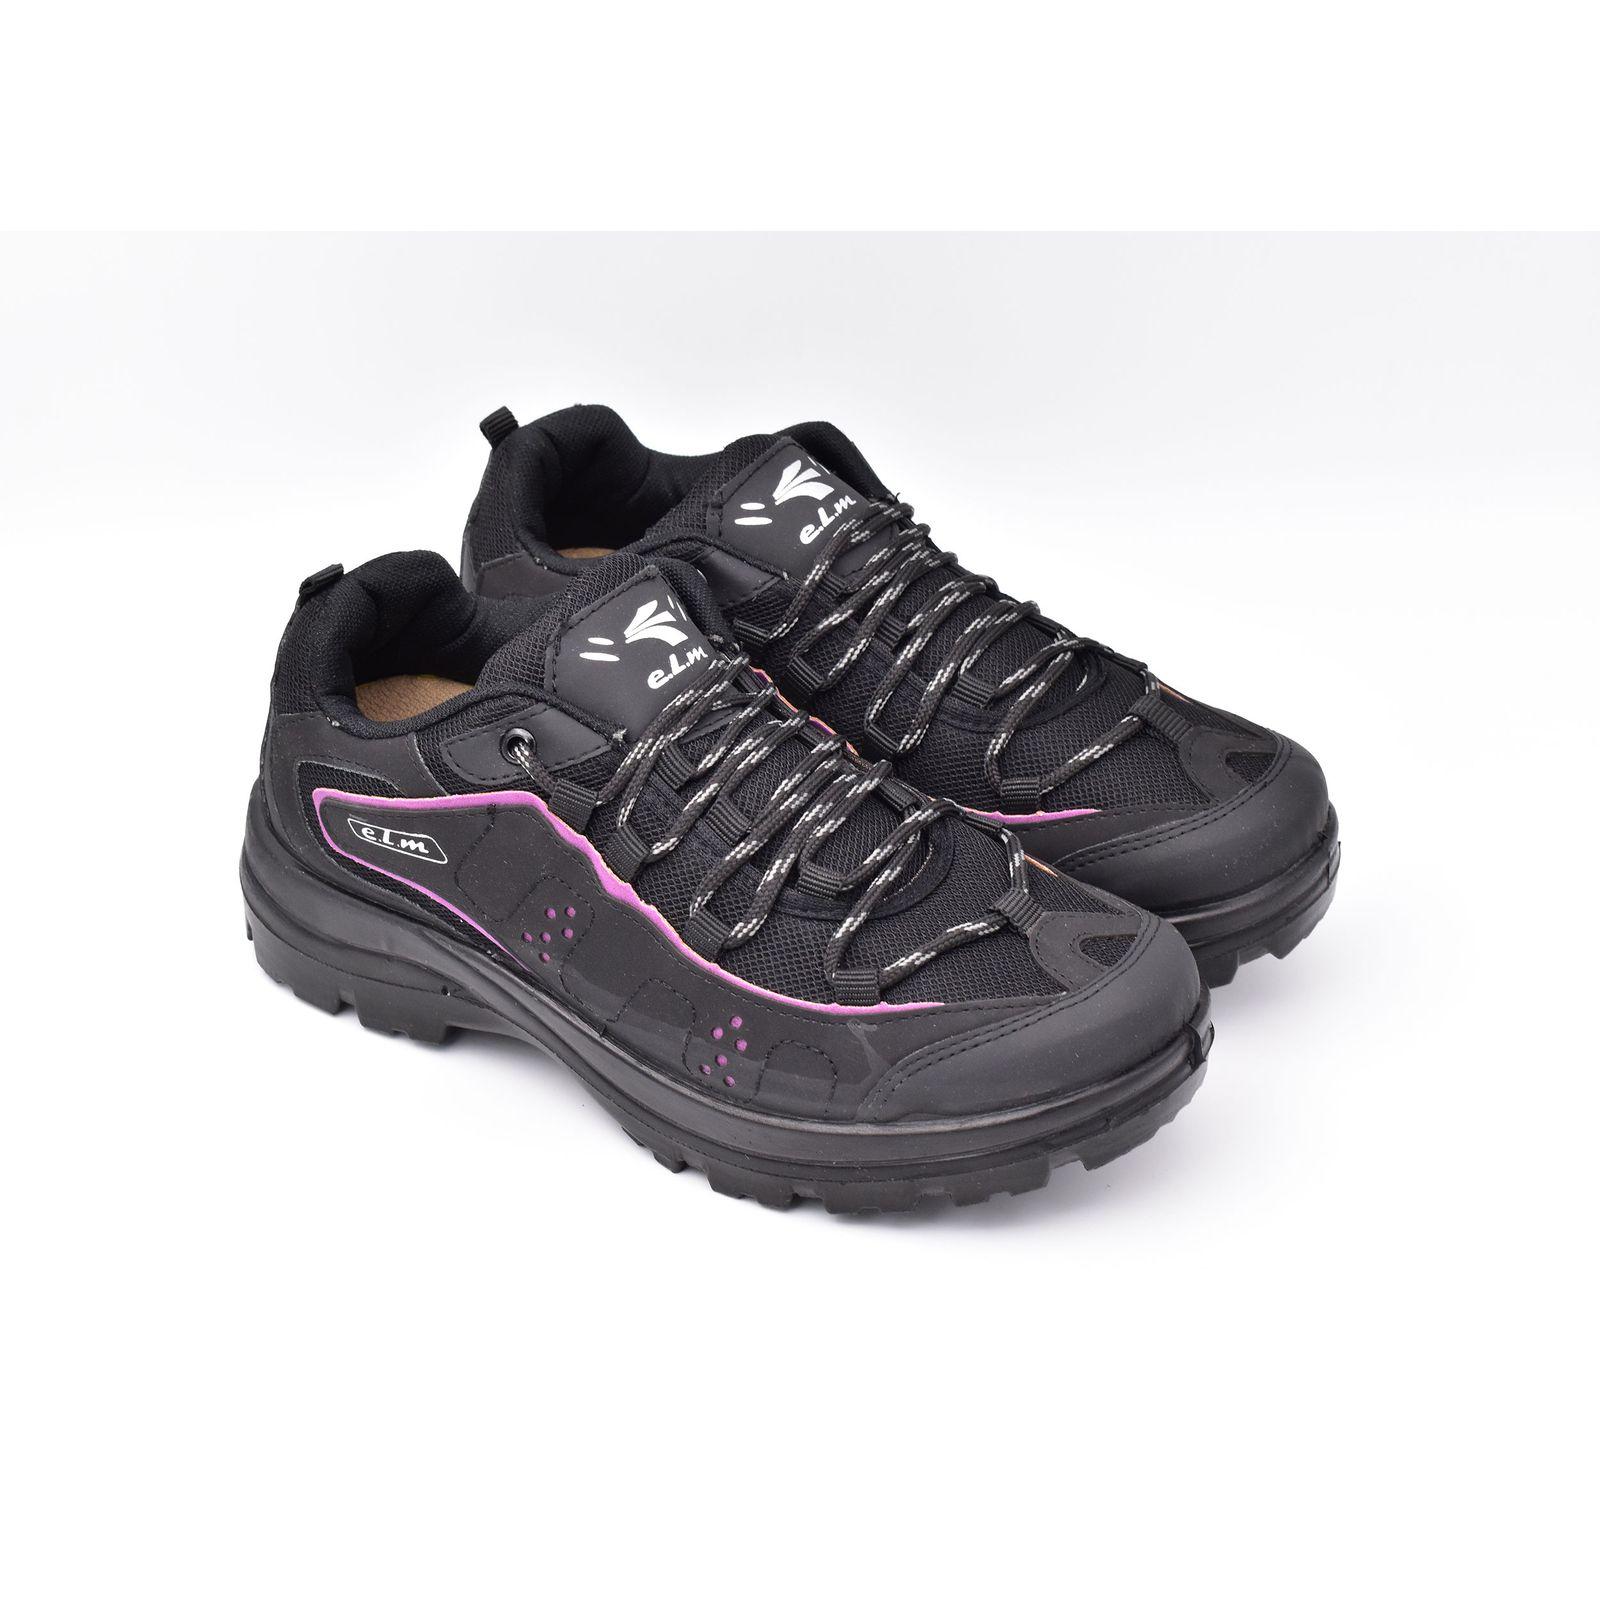 کفش پیاده روی زنانه ای ال ام مدل هیوا کد 7726 -  - 5